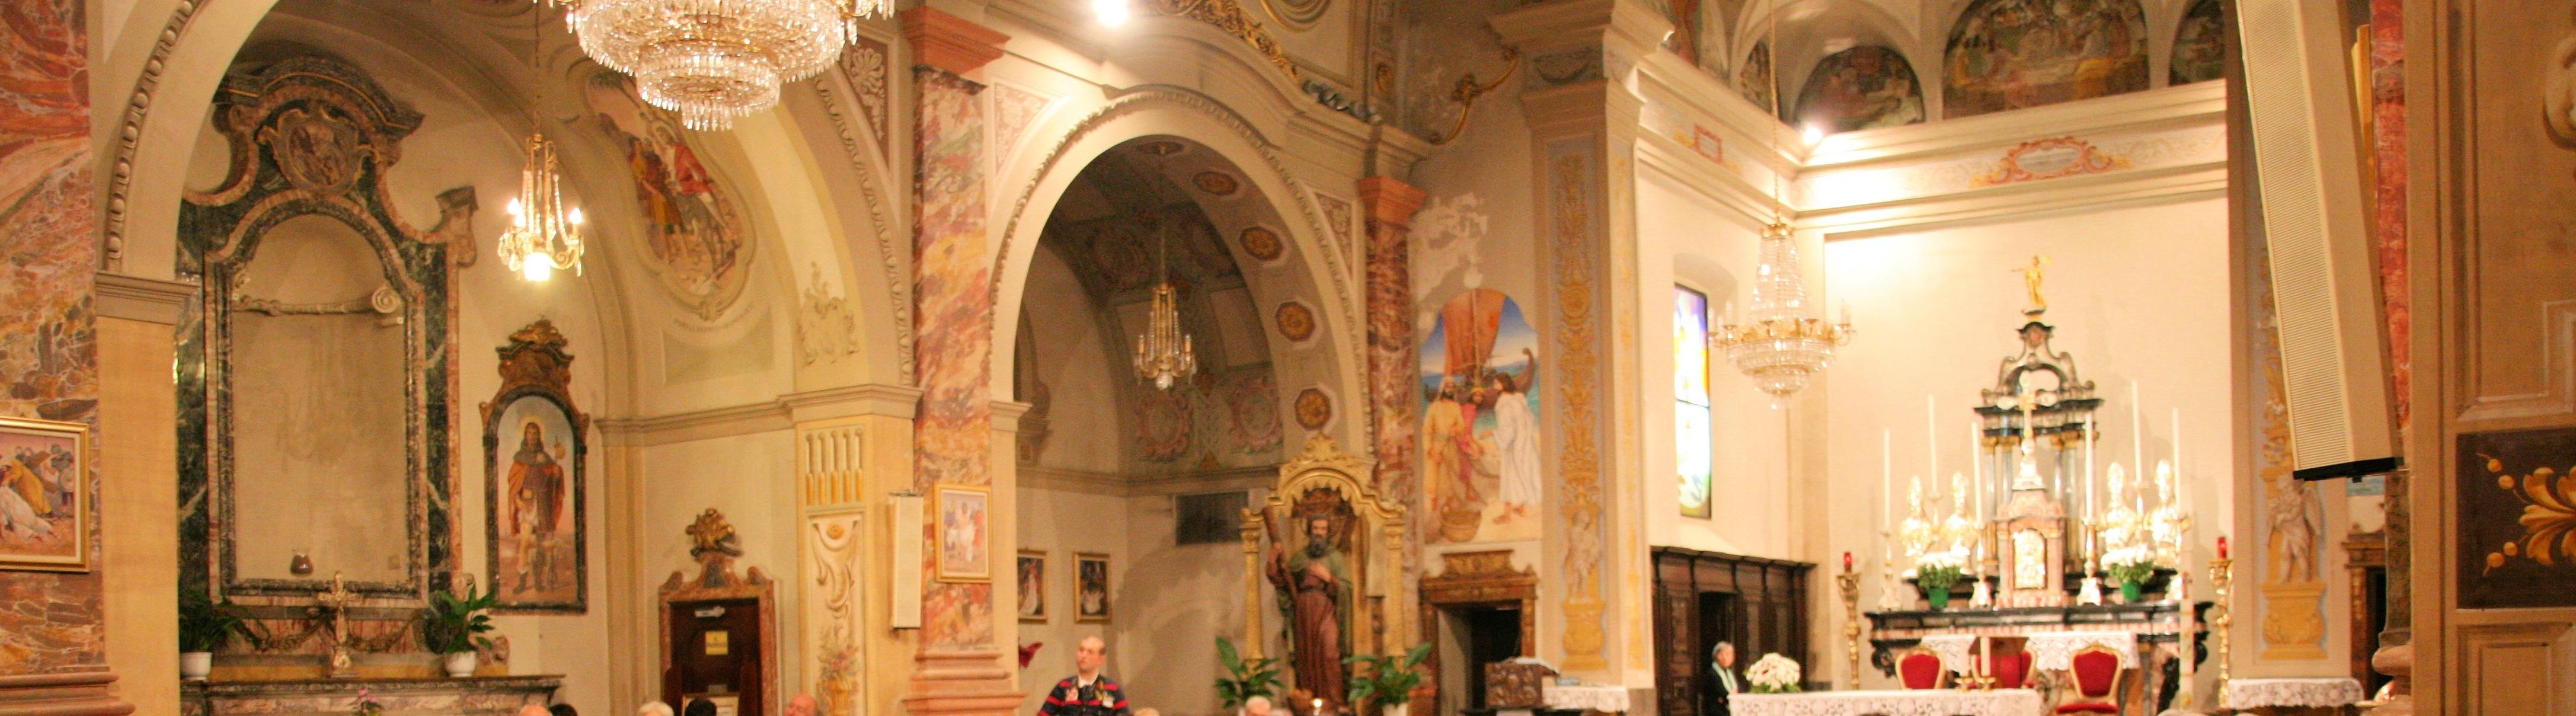 scorcio della chiesa di sant'Andrea